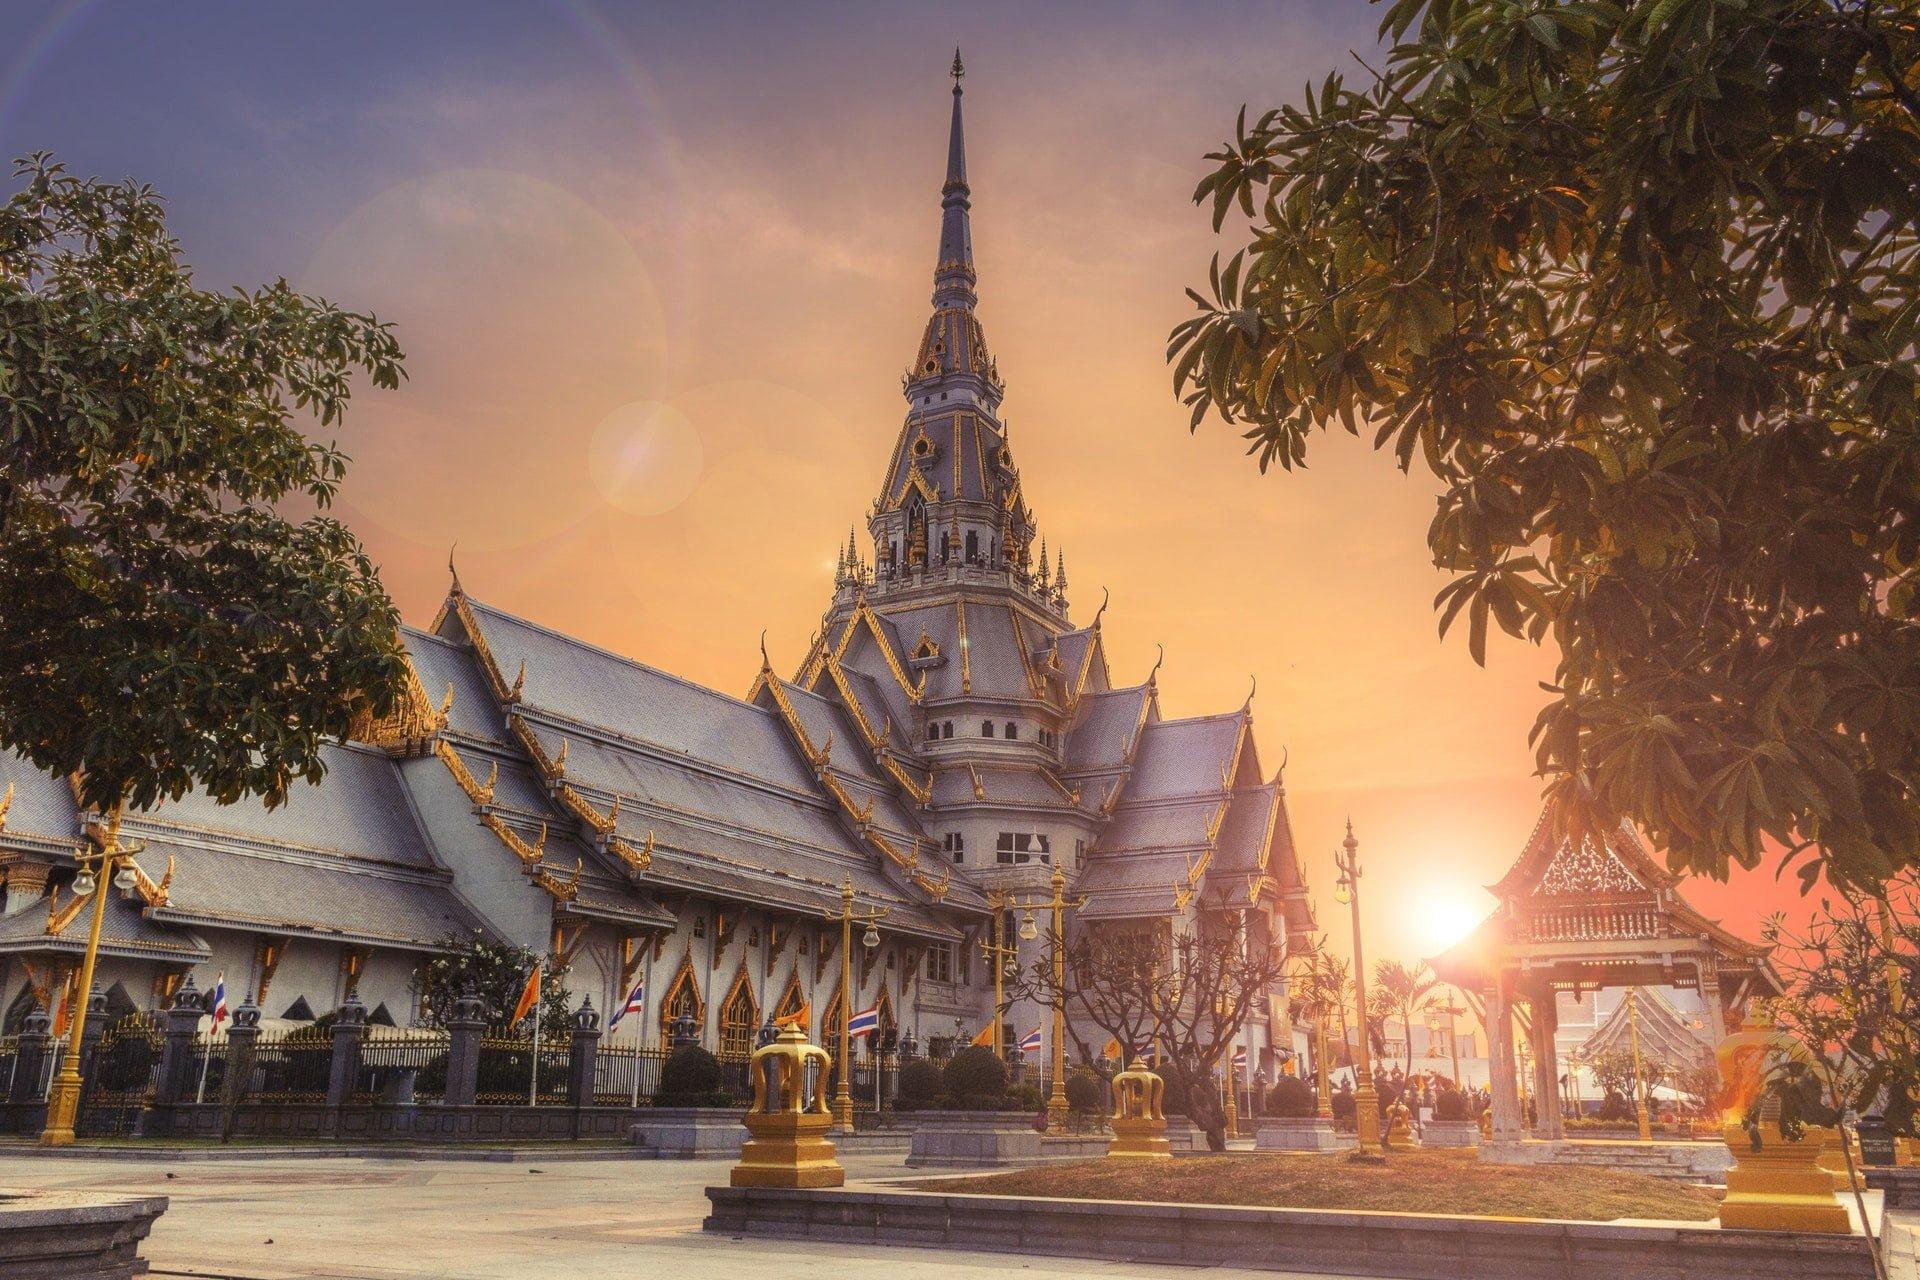 泰國旅遊一定要玩到的25種景點、美食與活動 Ten Choice 1